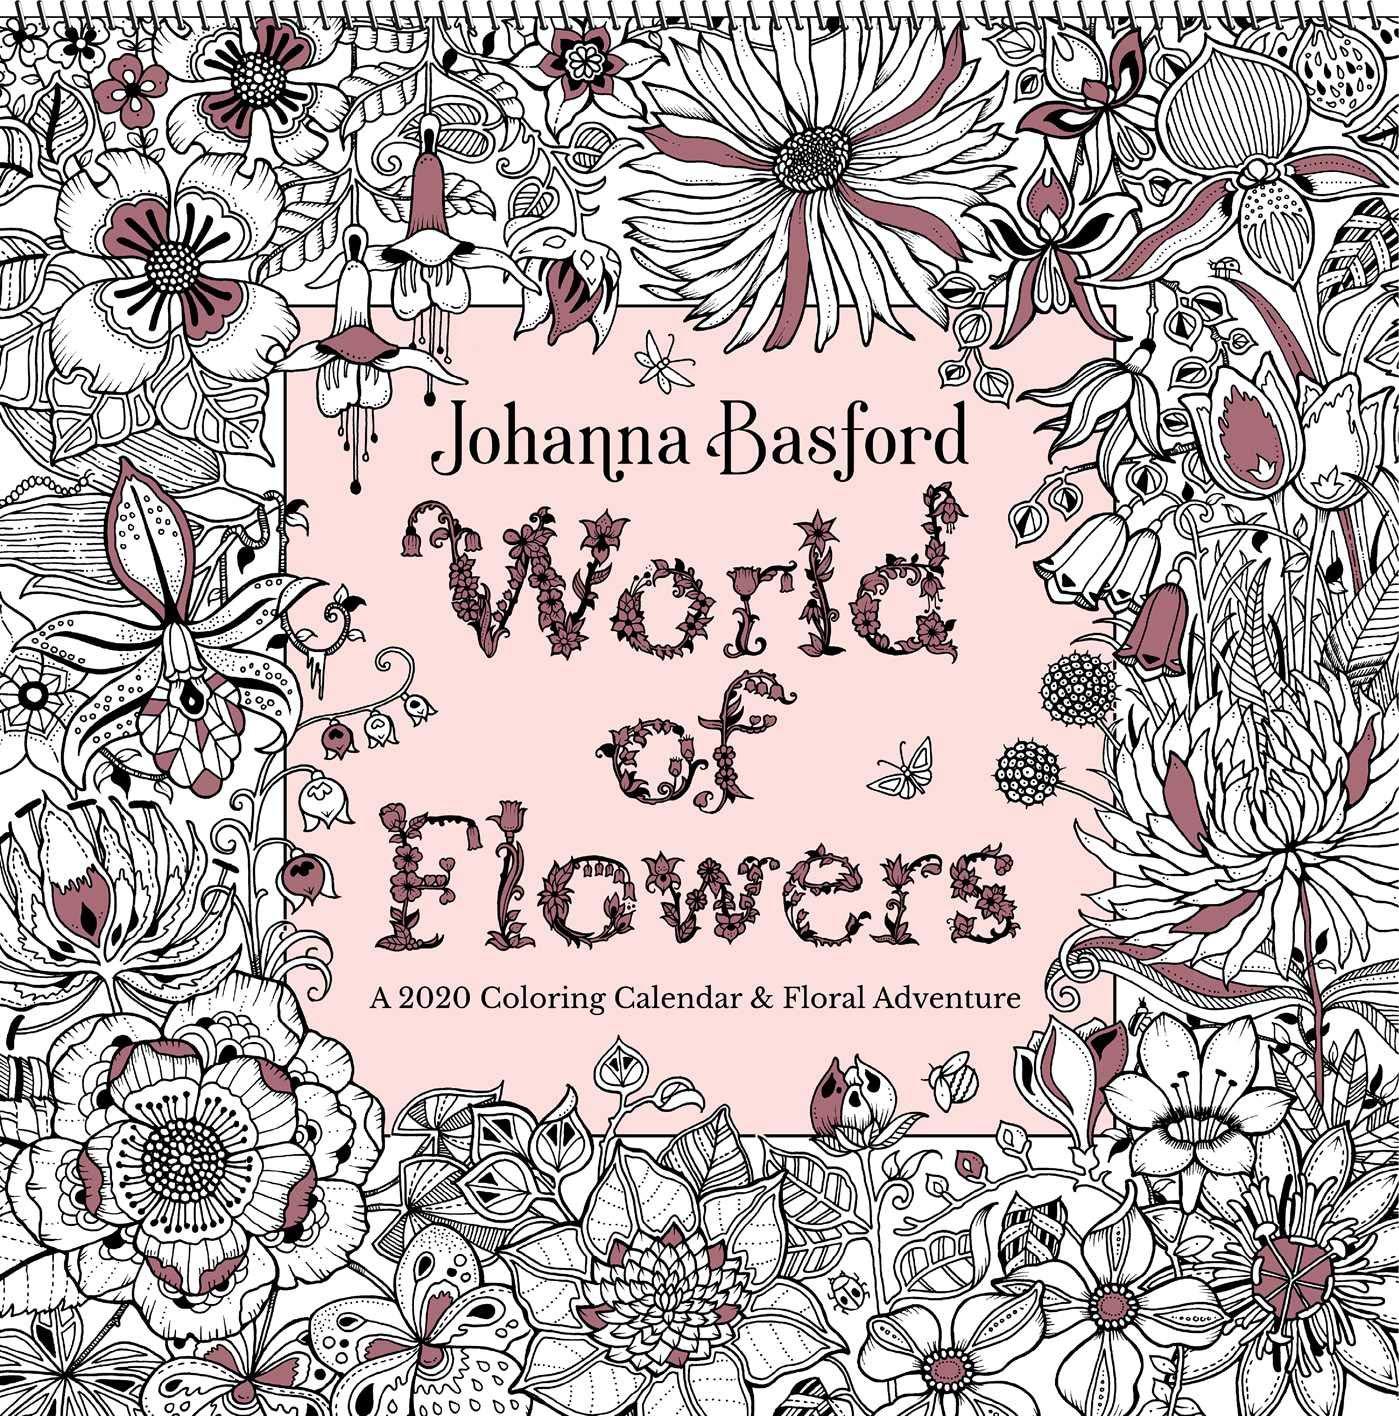 Johanna Basford 2020 Coloring Wall Calendar: Amazon.de ...